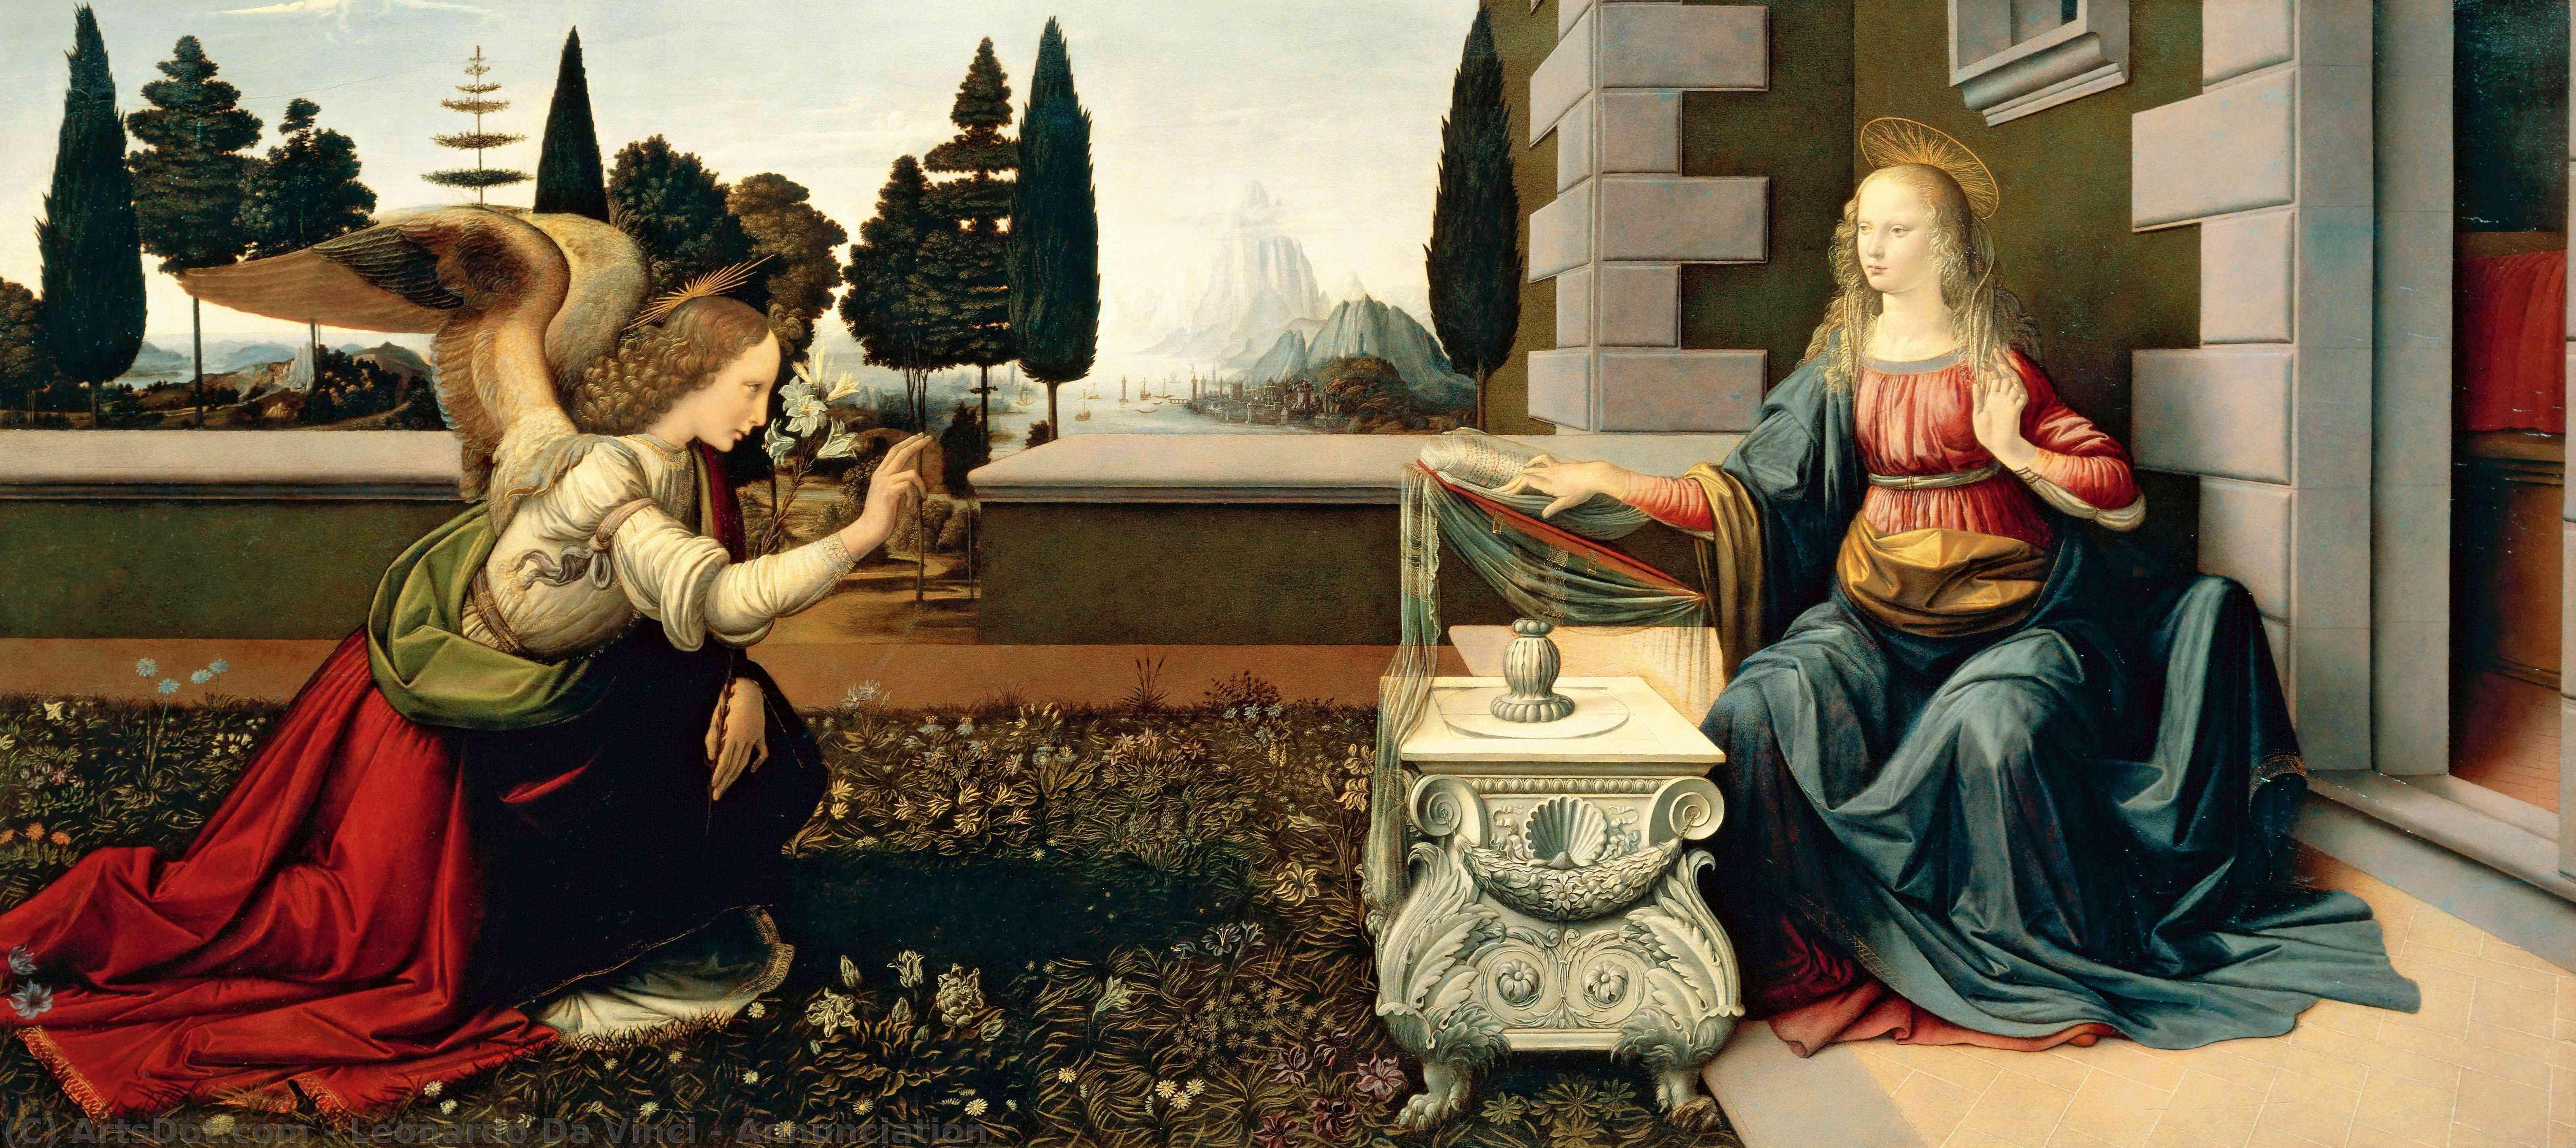 Wikioo.org - Bách khoa toàn thư về mỹ thuật - Vẽ tranh, Tác phẩm nghệ thuật Leonardo Da Vinci - Annunciation